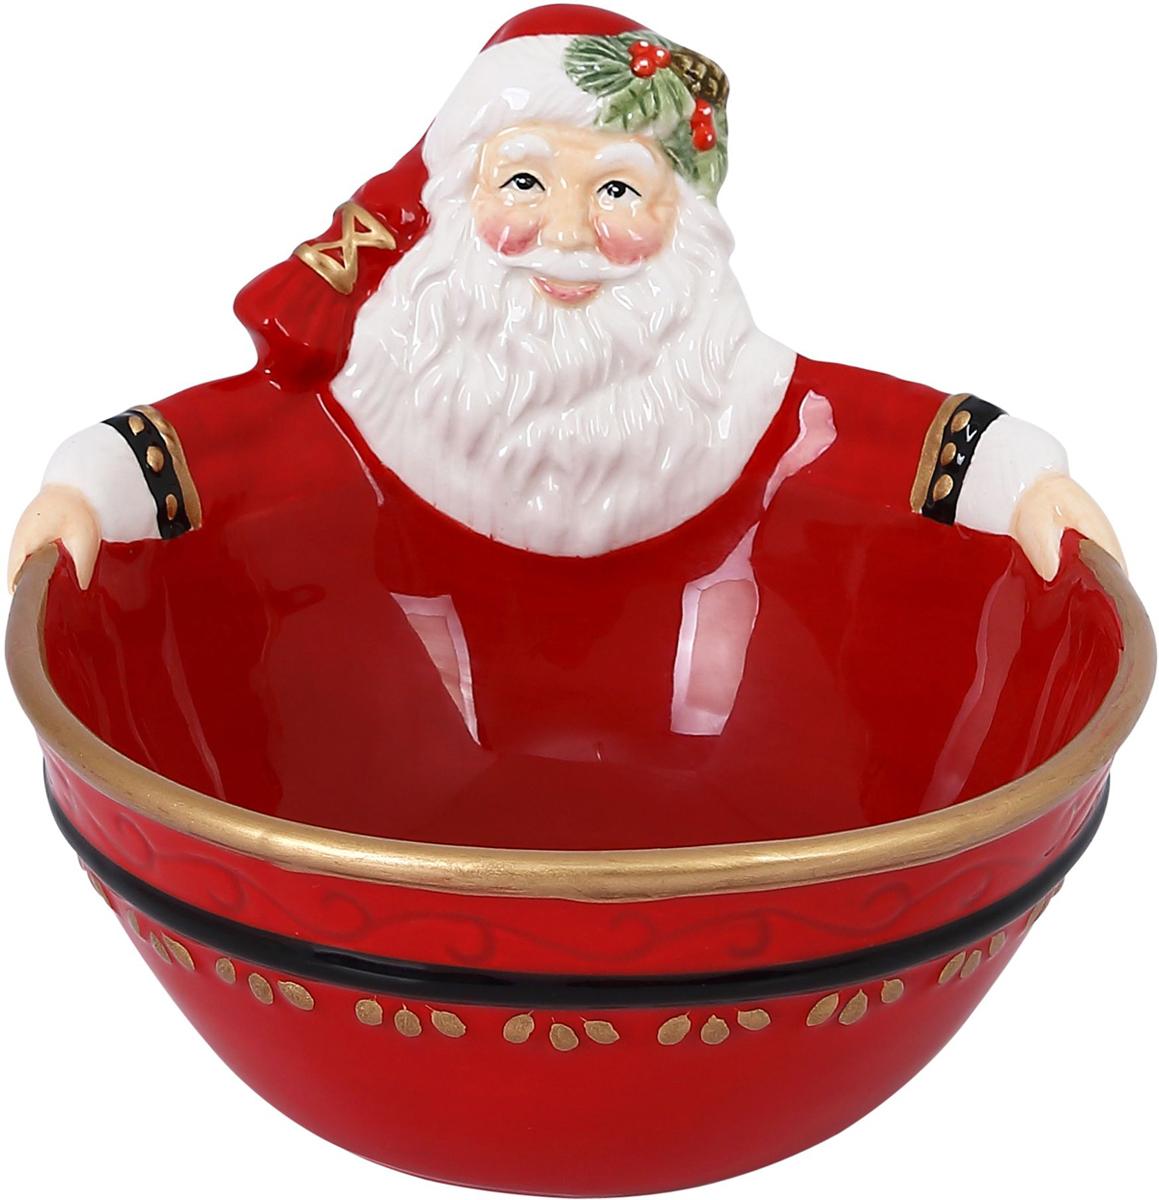 Чаша Fitz and Floyd Новогодняя сказка, 350 мл49-368Рекомендуется бережная ручная мойка с использованием безабразивных моющих средств.